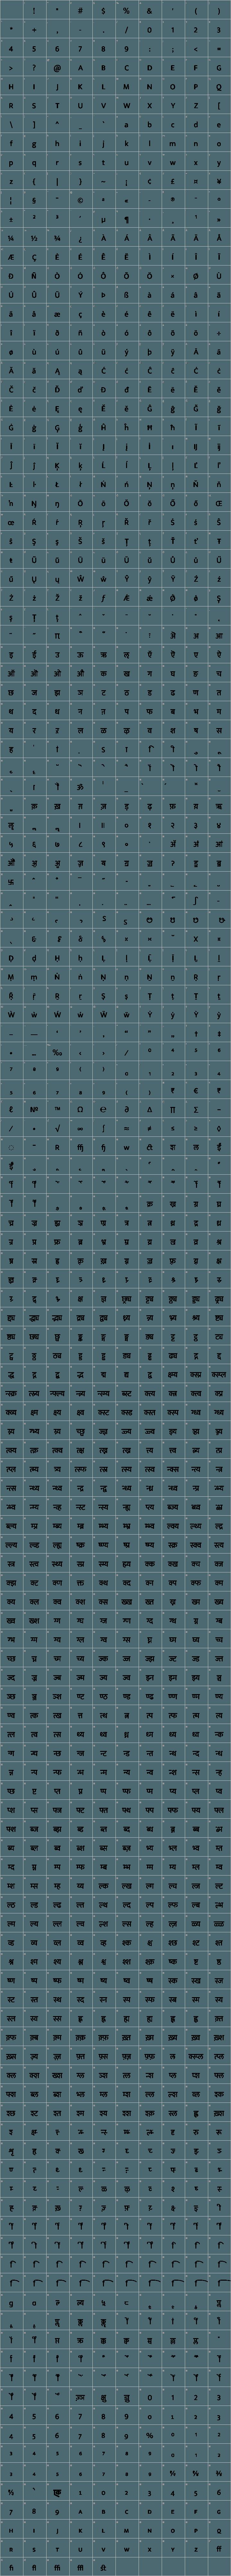 Mukta Font Free by EK Type » Font Squirrel